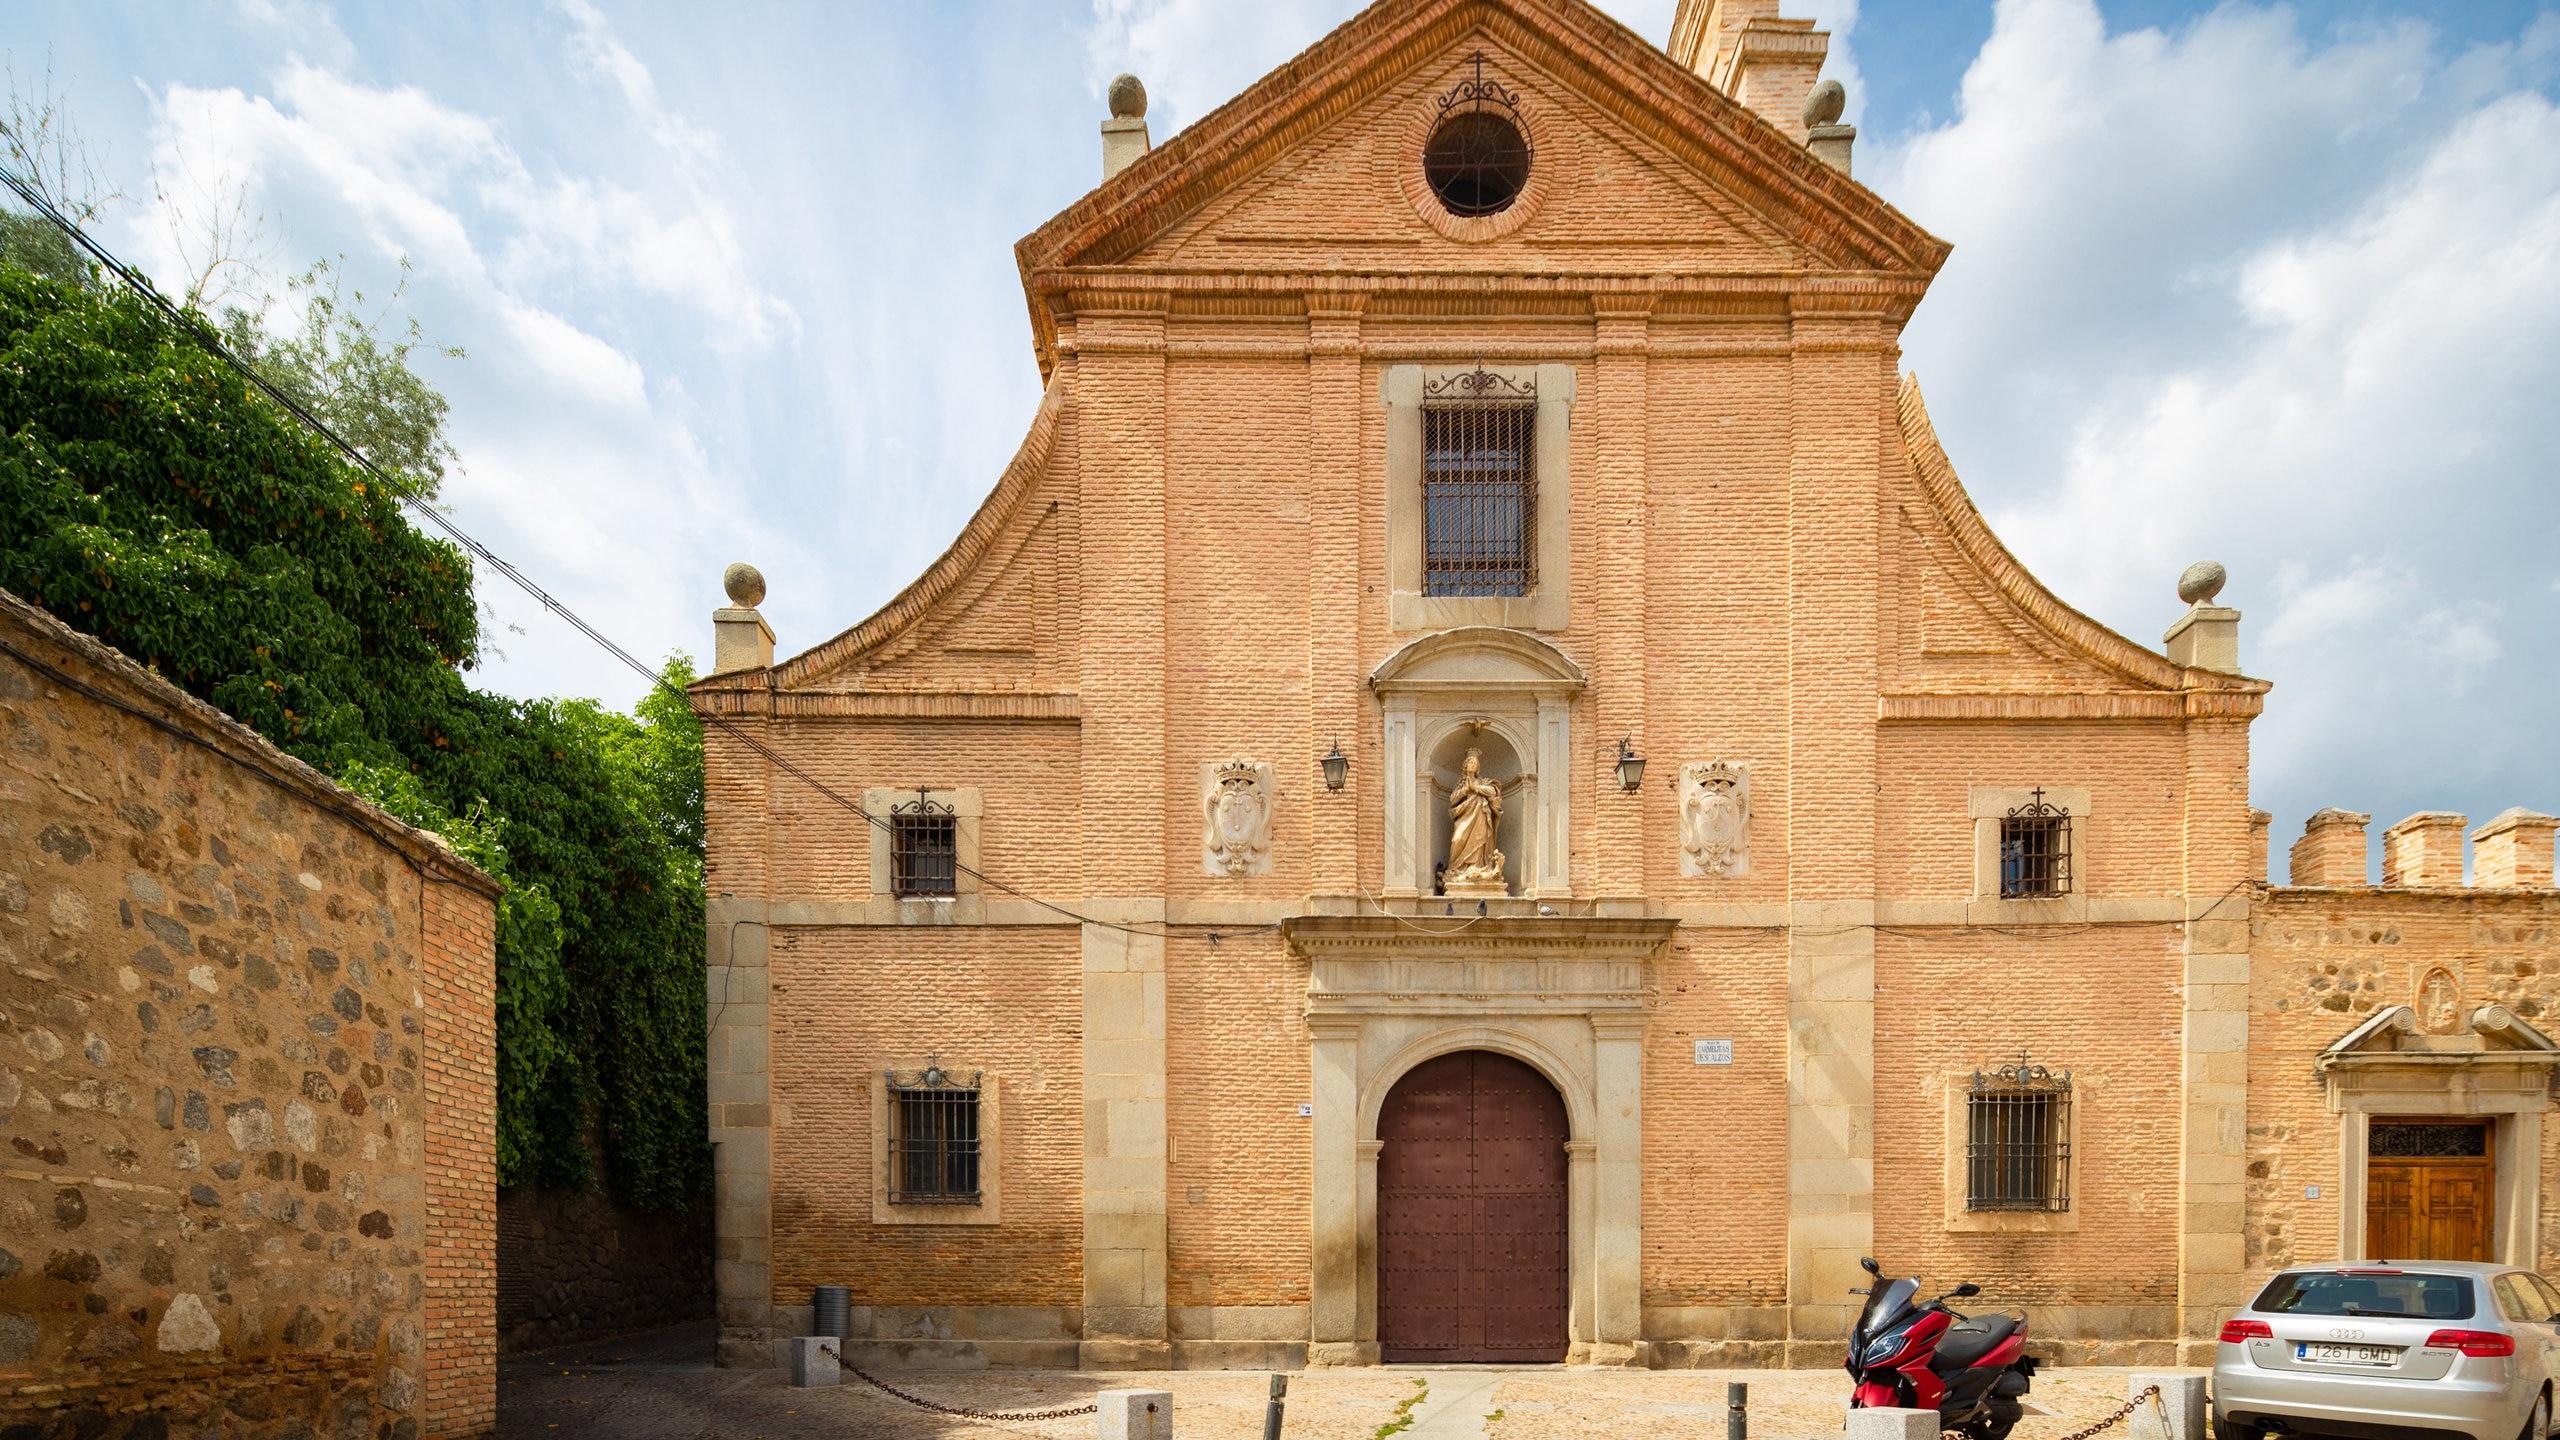 Convento de las Carmelitas Descalzos, Toledo, Castilla - La Mancha, Spanje